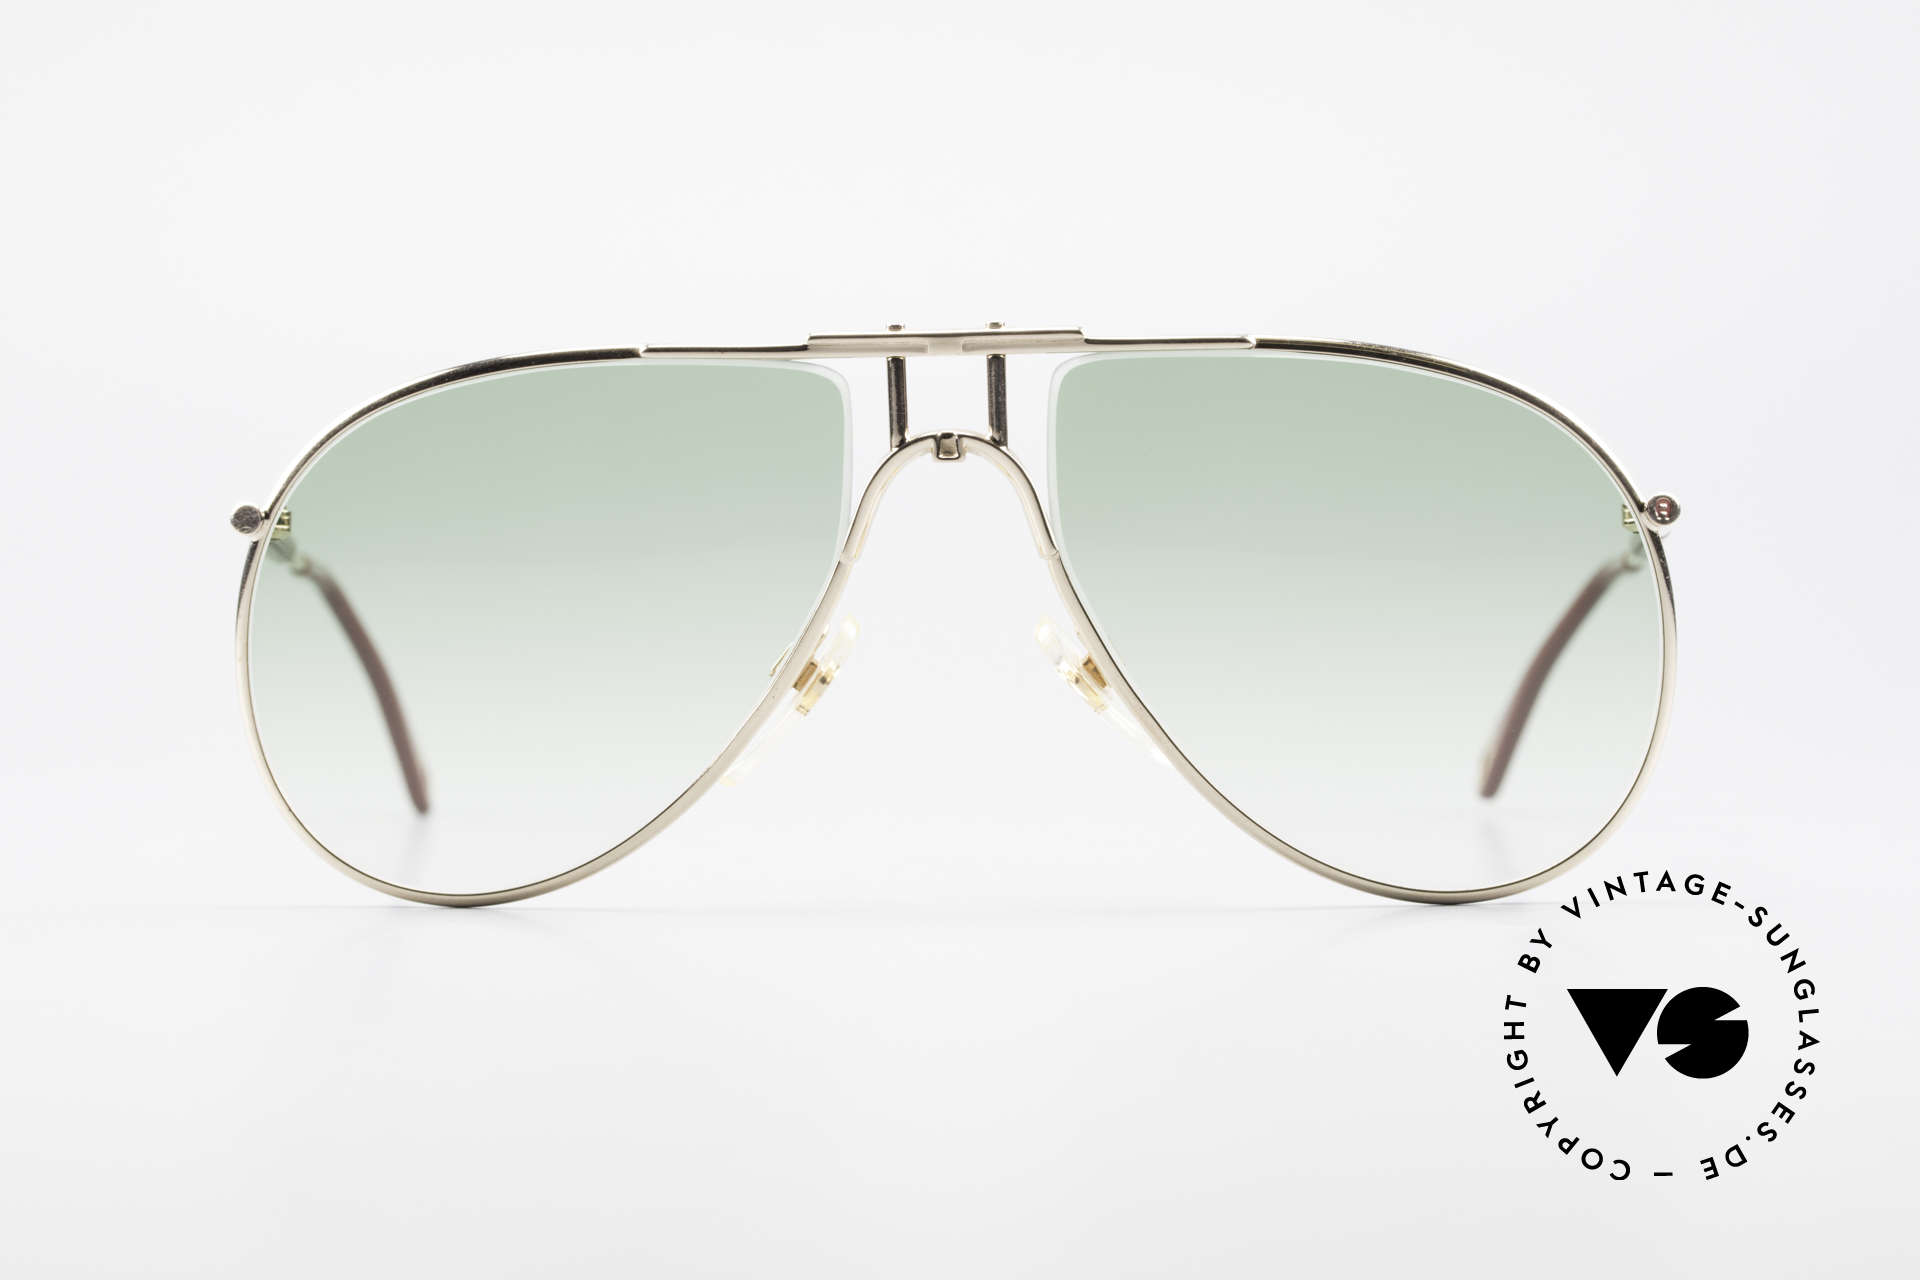 Aigner EA3 Echt 80er Vintage Sonnenbrille, nobel modifizierte Pilotenform in elegantem Farbton, Passend für Herren